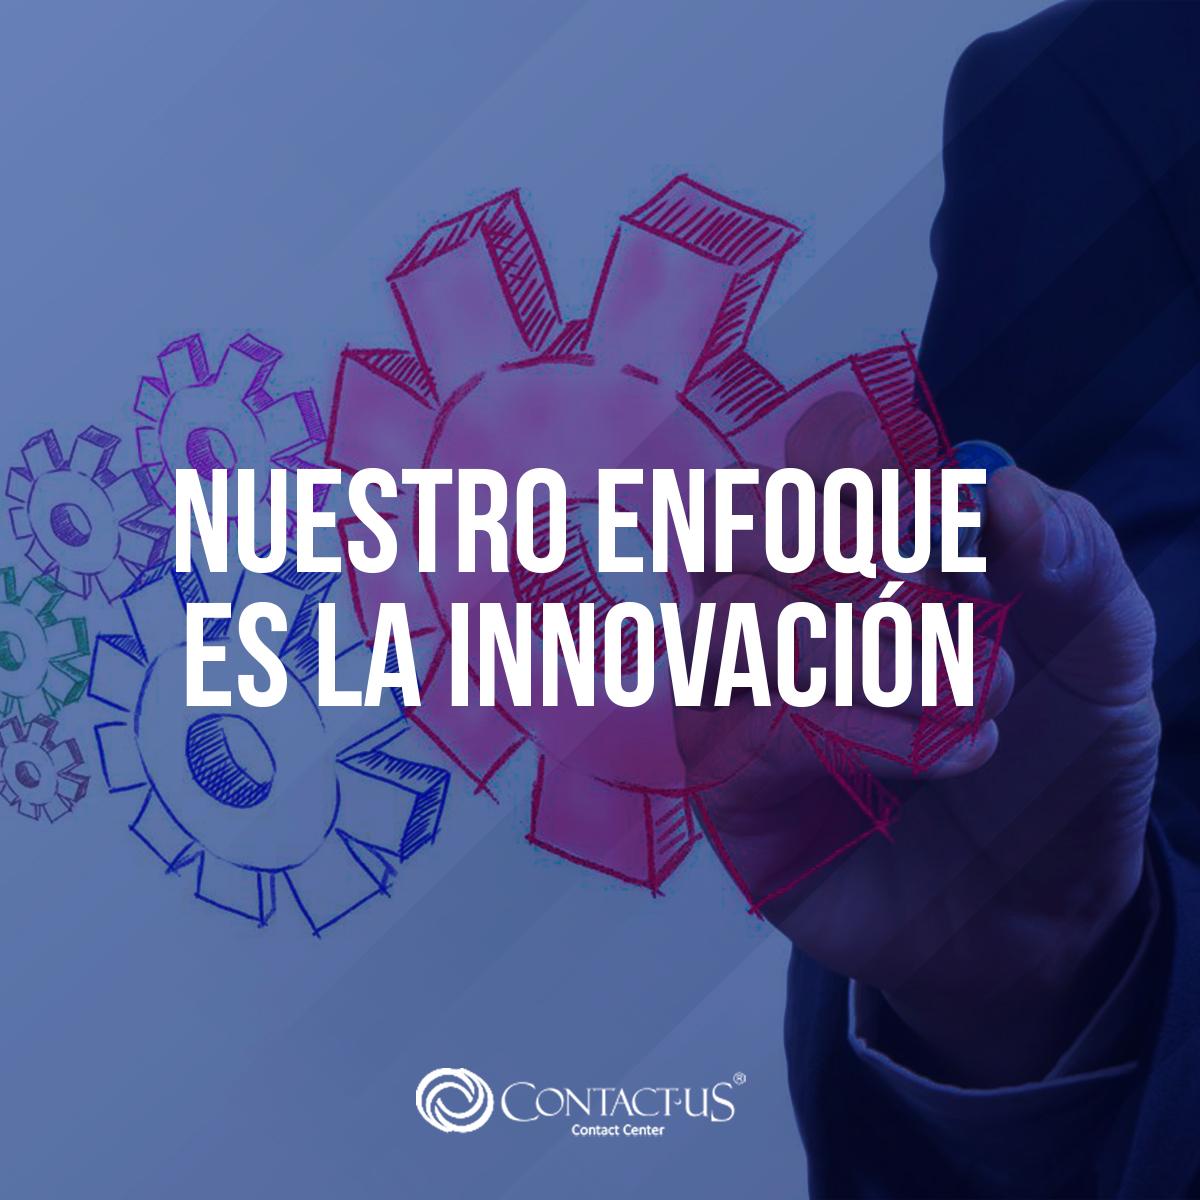 Nuestra vanguardia tecnológica está presente en cada uno de los proyectos que desarrollamos, lo que permite que su empresa cuente con el respaldo de tecnología de última generación adaptada a sus necesidades y reglas de negocio. #Puebla #AtenciónAClientes #Innovación